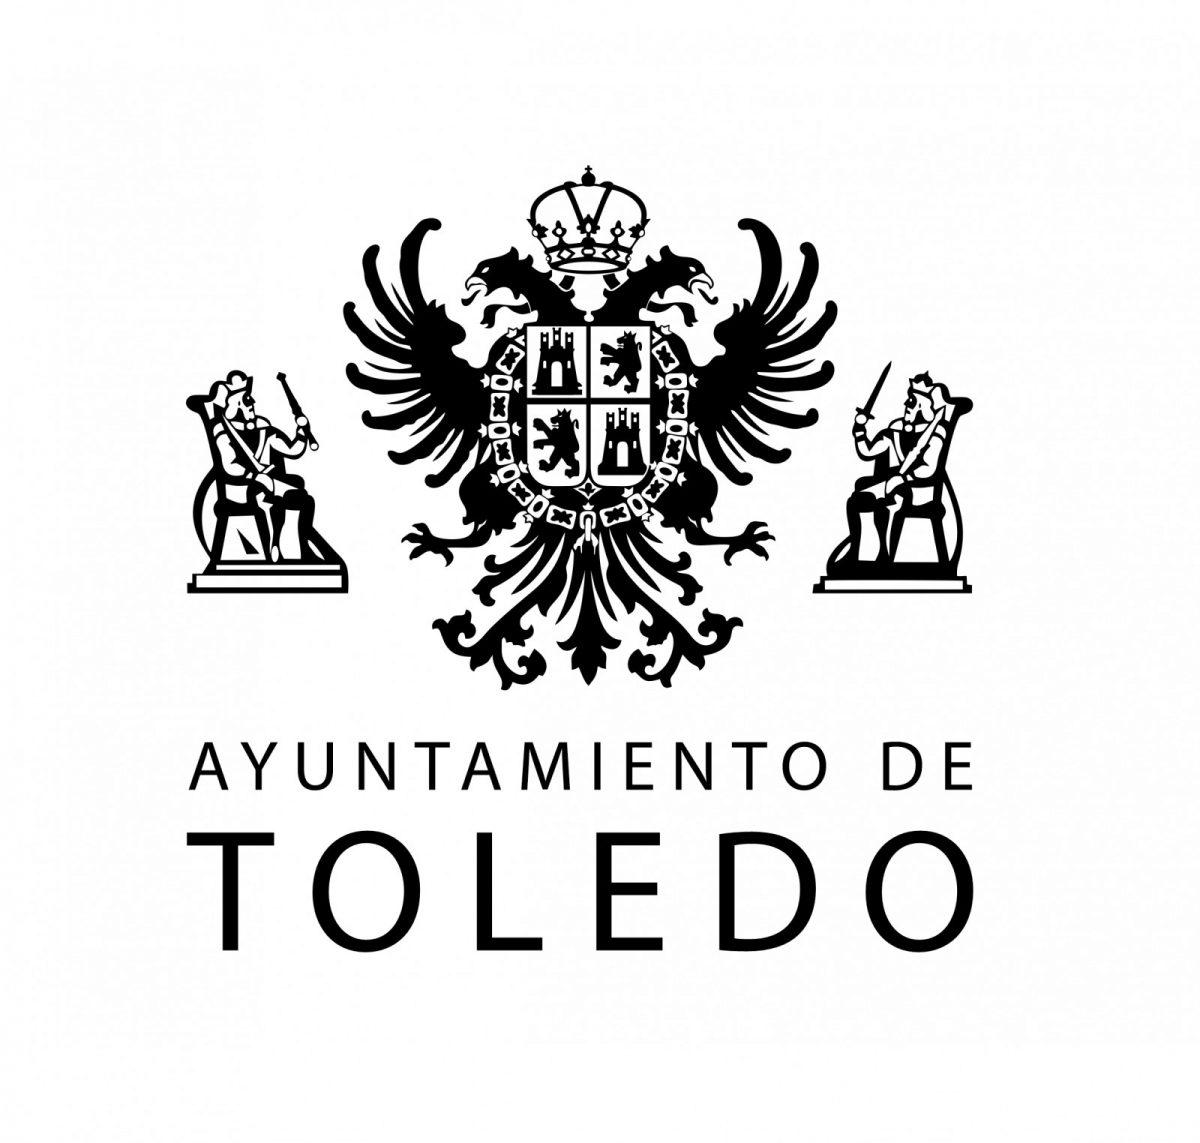 https://www.toledo.es/wp-content/uploads/2020/09/logo-ayuntamiento-cuadrado-1200x1143.jpg. El próximo Pleno municipal será retrasmitido a través del canal de YouTube del Ayuntamiento